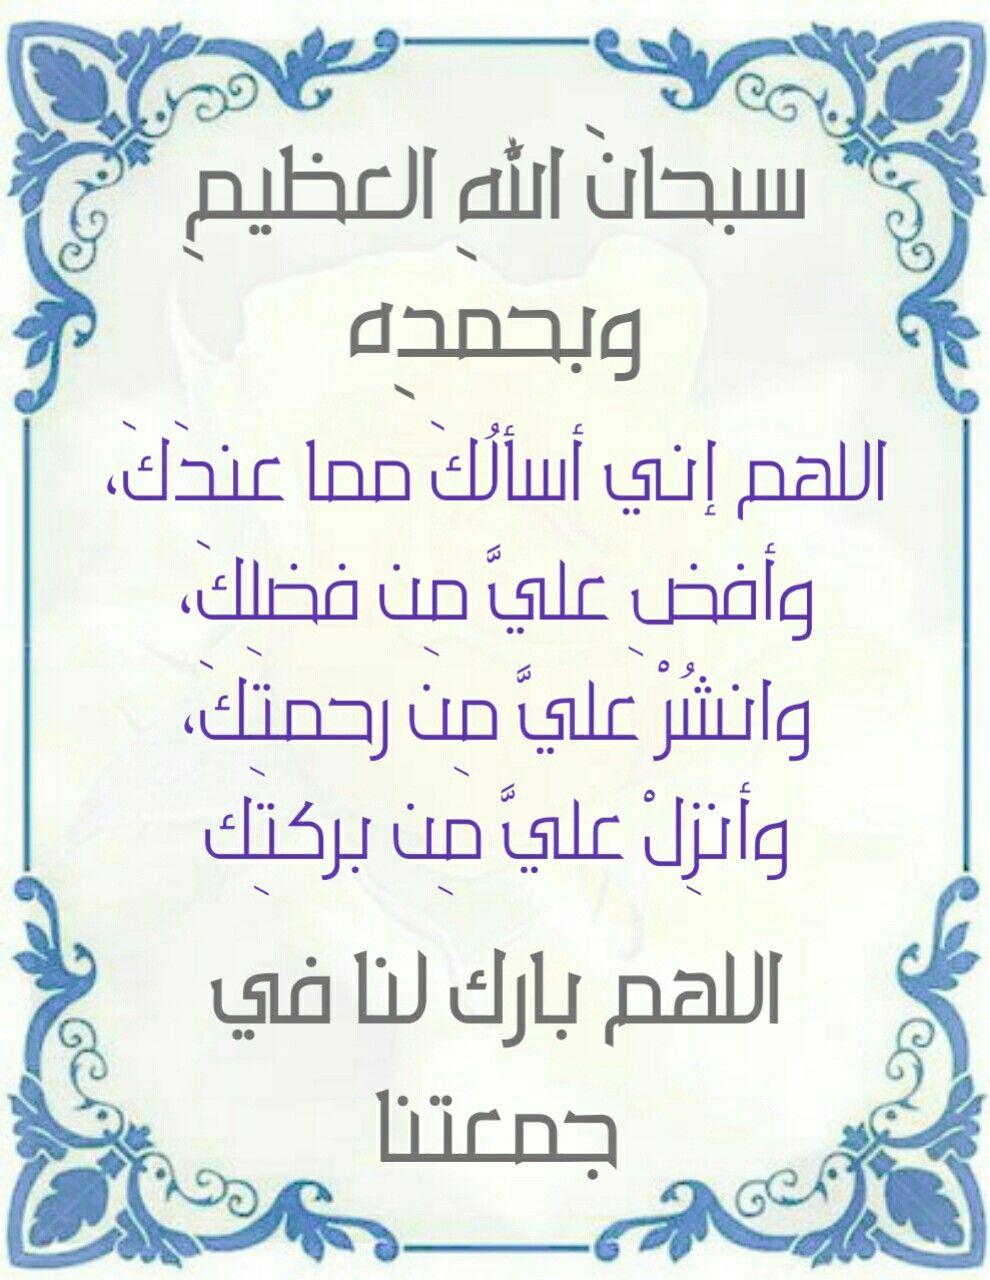 ذكر أذكار دعاء الجمعة